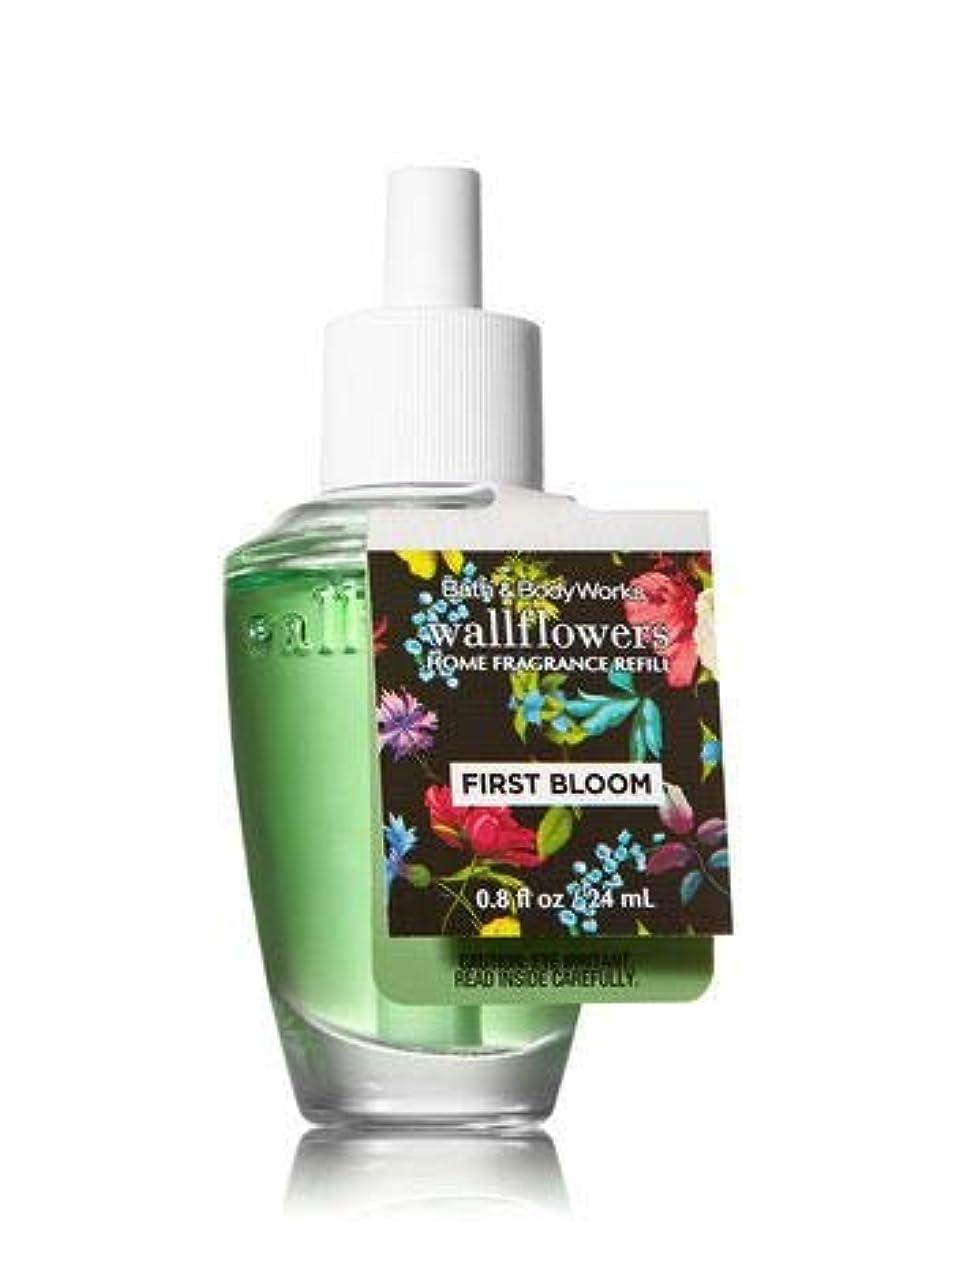 解明開示するケニア【Bath&Body Works/バス&ボディワークス】 ルームフレグランス 詰替えリフィル ファーストブルーム Wallflowers Home Fragrance Refill First Bloom [並行輸入品]